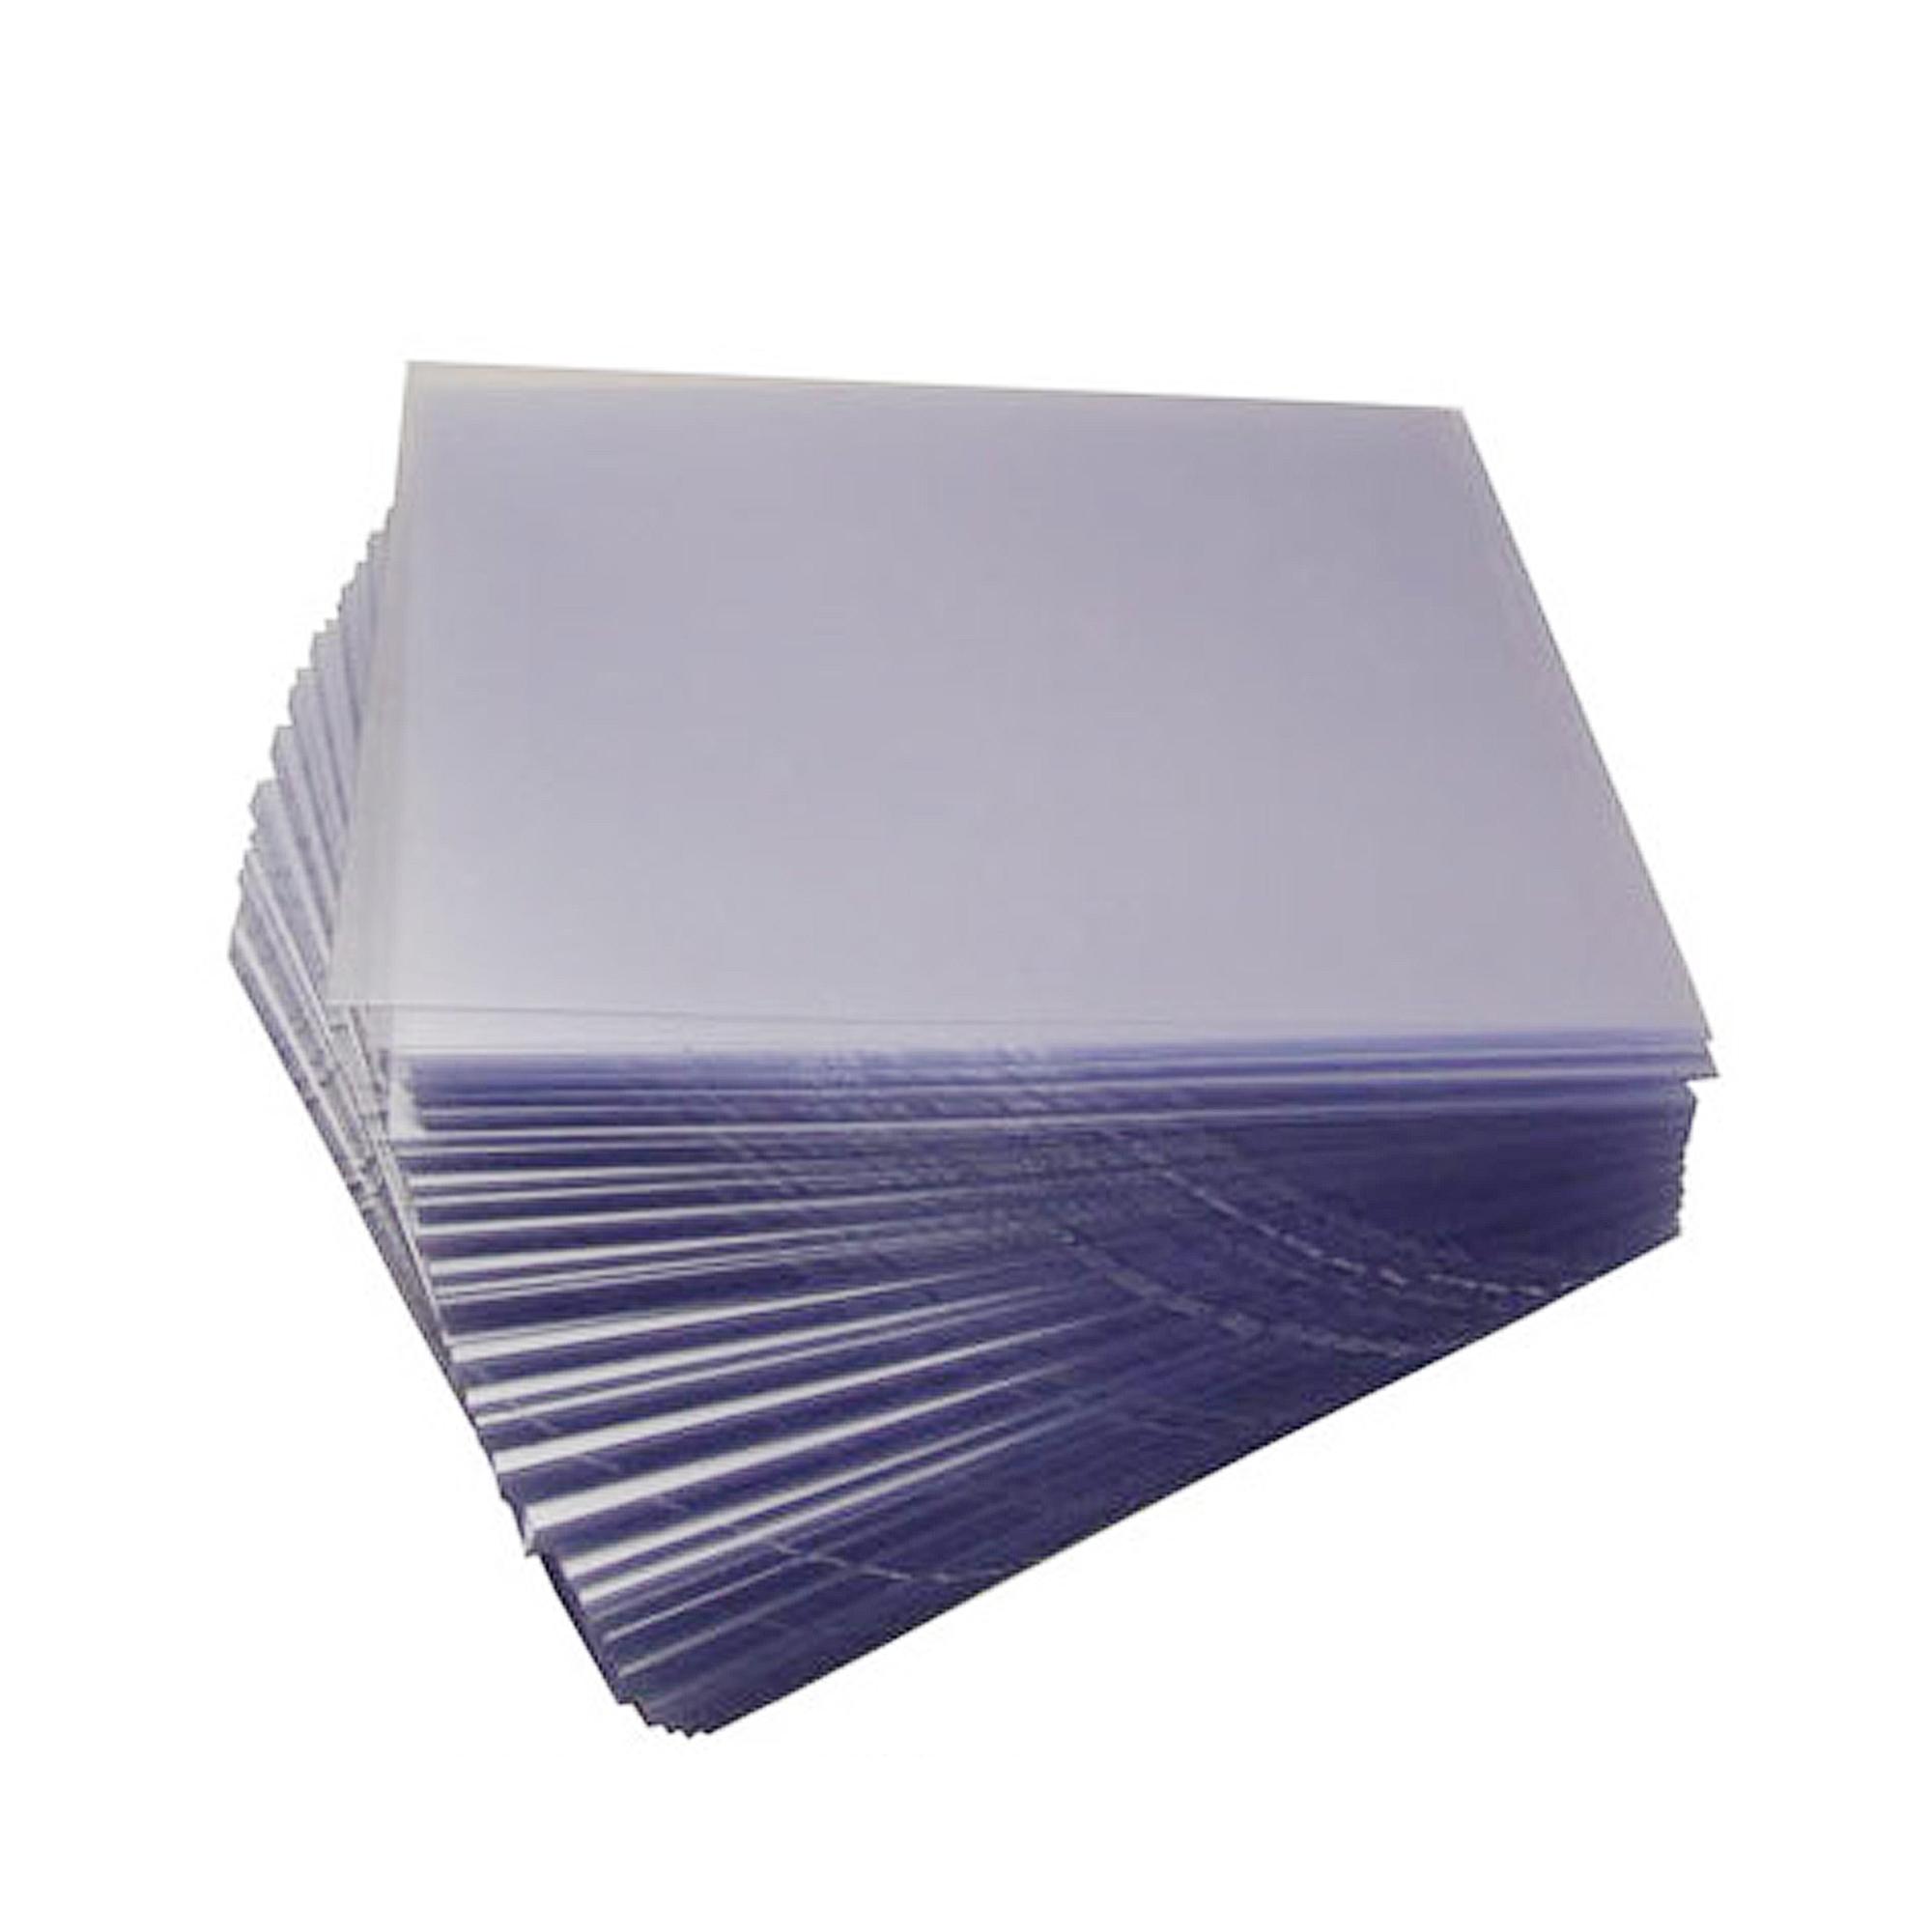 Ламинат для производска пластиковых карт с клеевым слоем (0,08 мм) формата А4, прозрачный